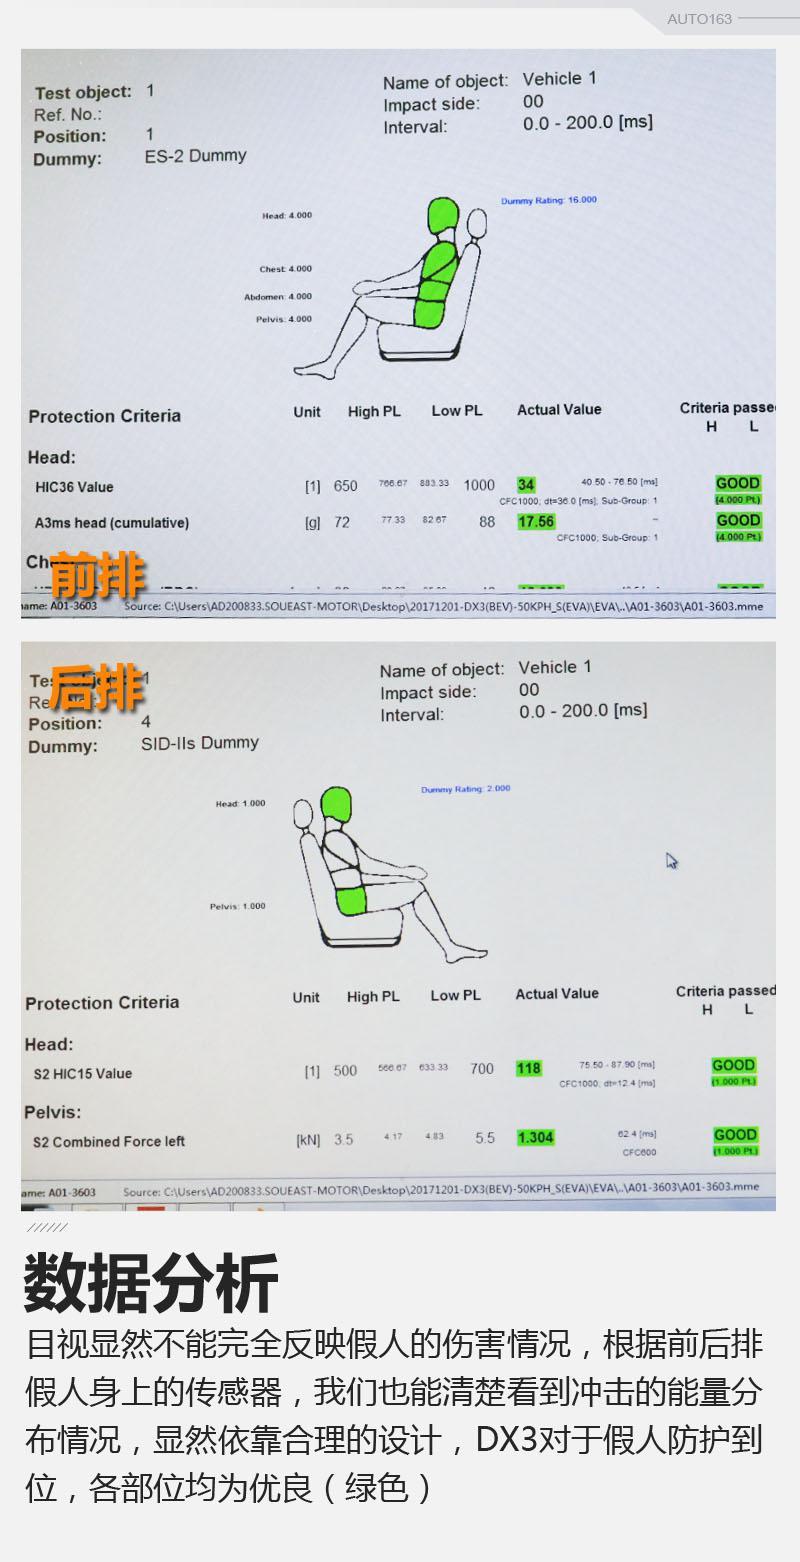 国内首试 东南DX3侧碰超级滑台试验解析